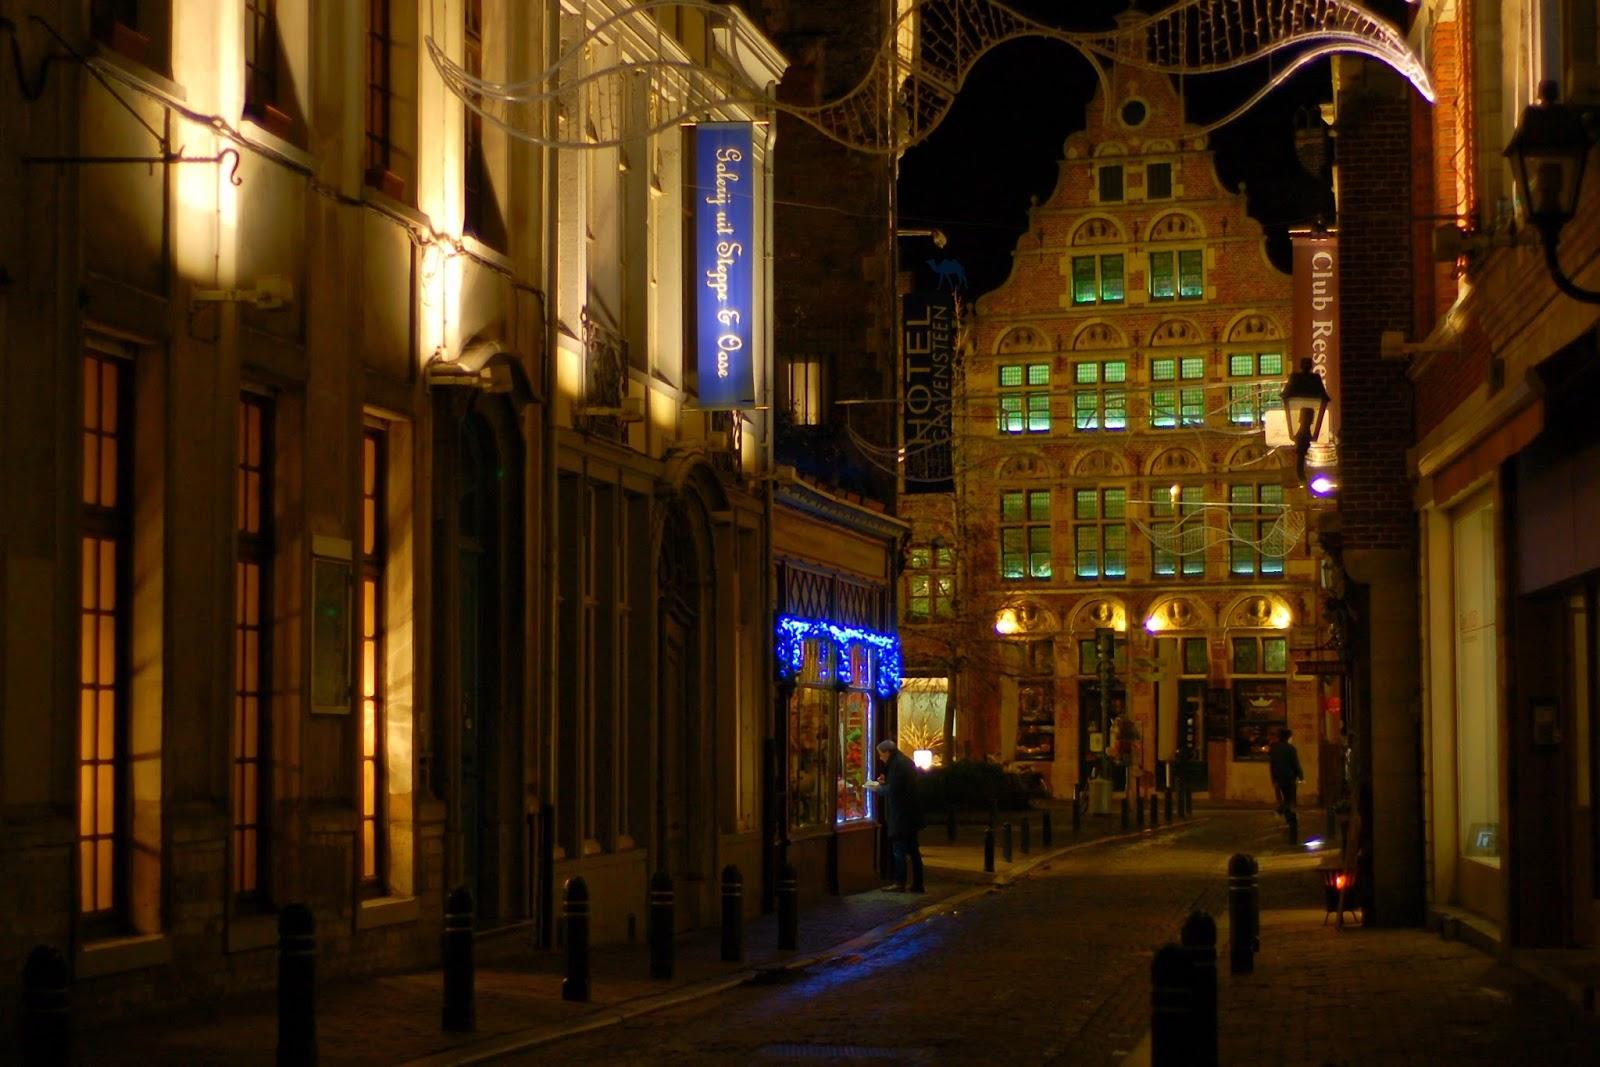 Le Chameau Bleu - Ruelles de Gand Belgique